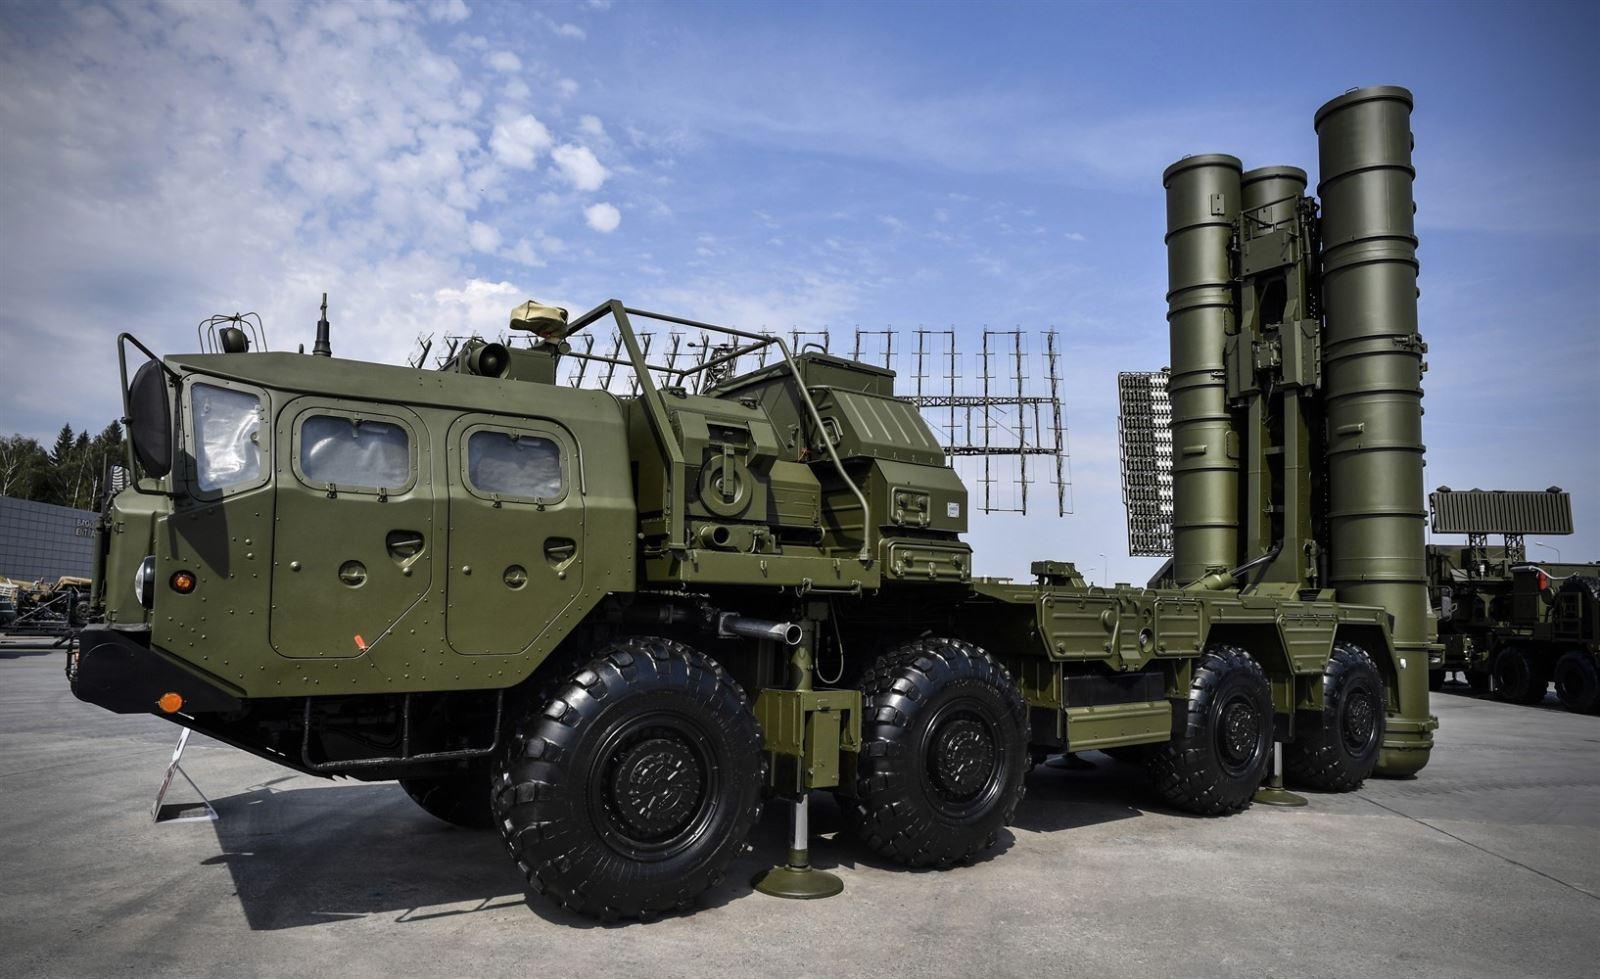 Vì sao Thổ Nhĩ Kỳ trì hoãn kích hoạt S-400 của Nga?